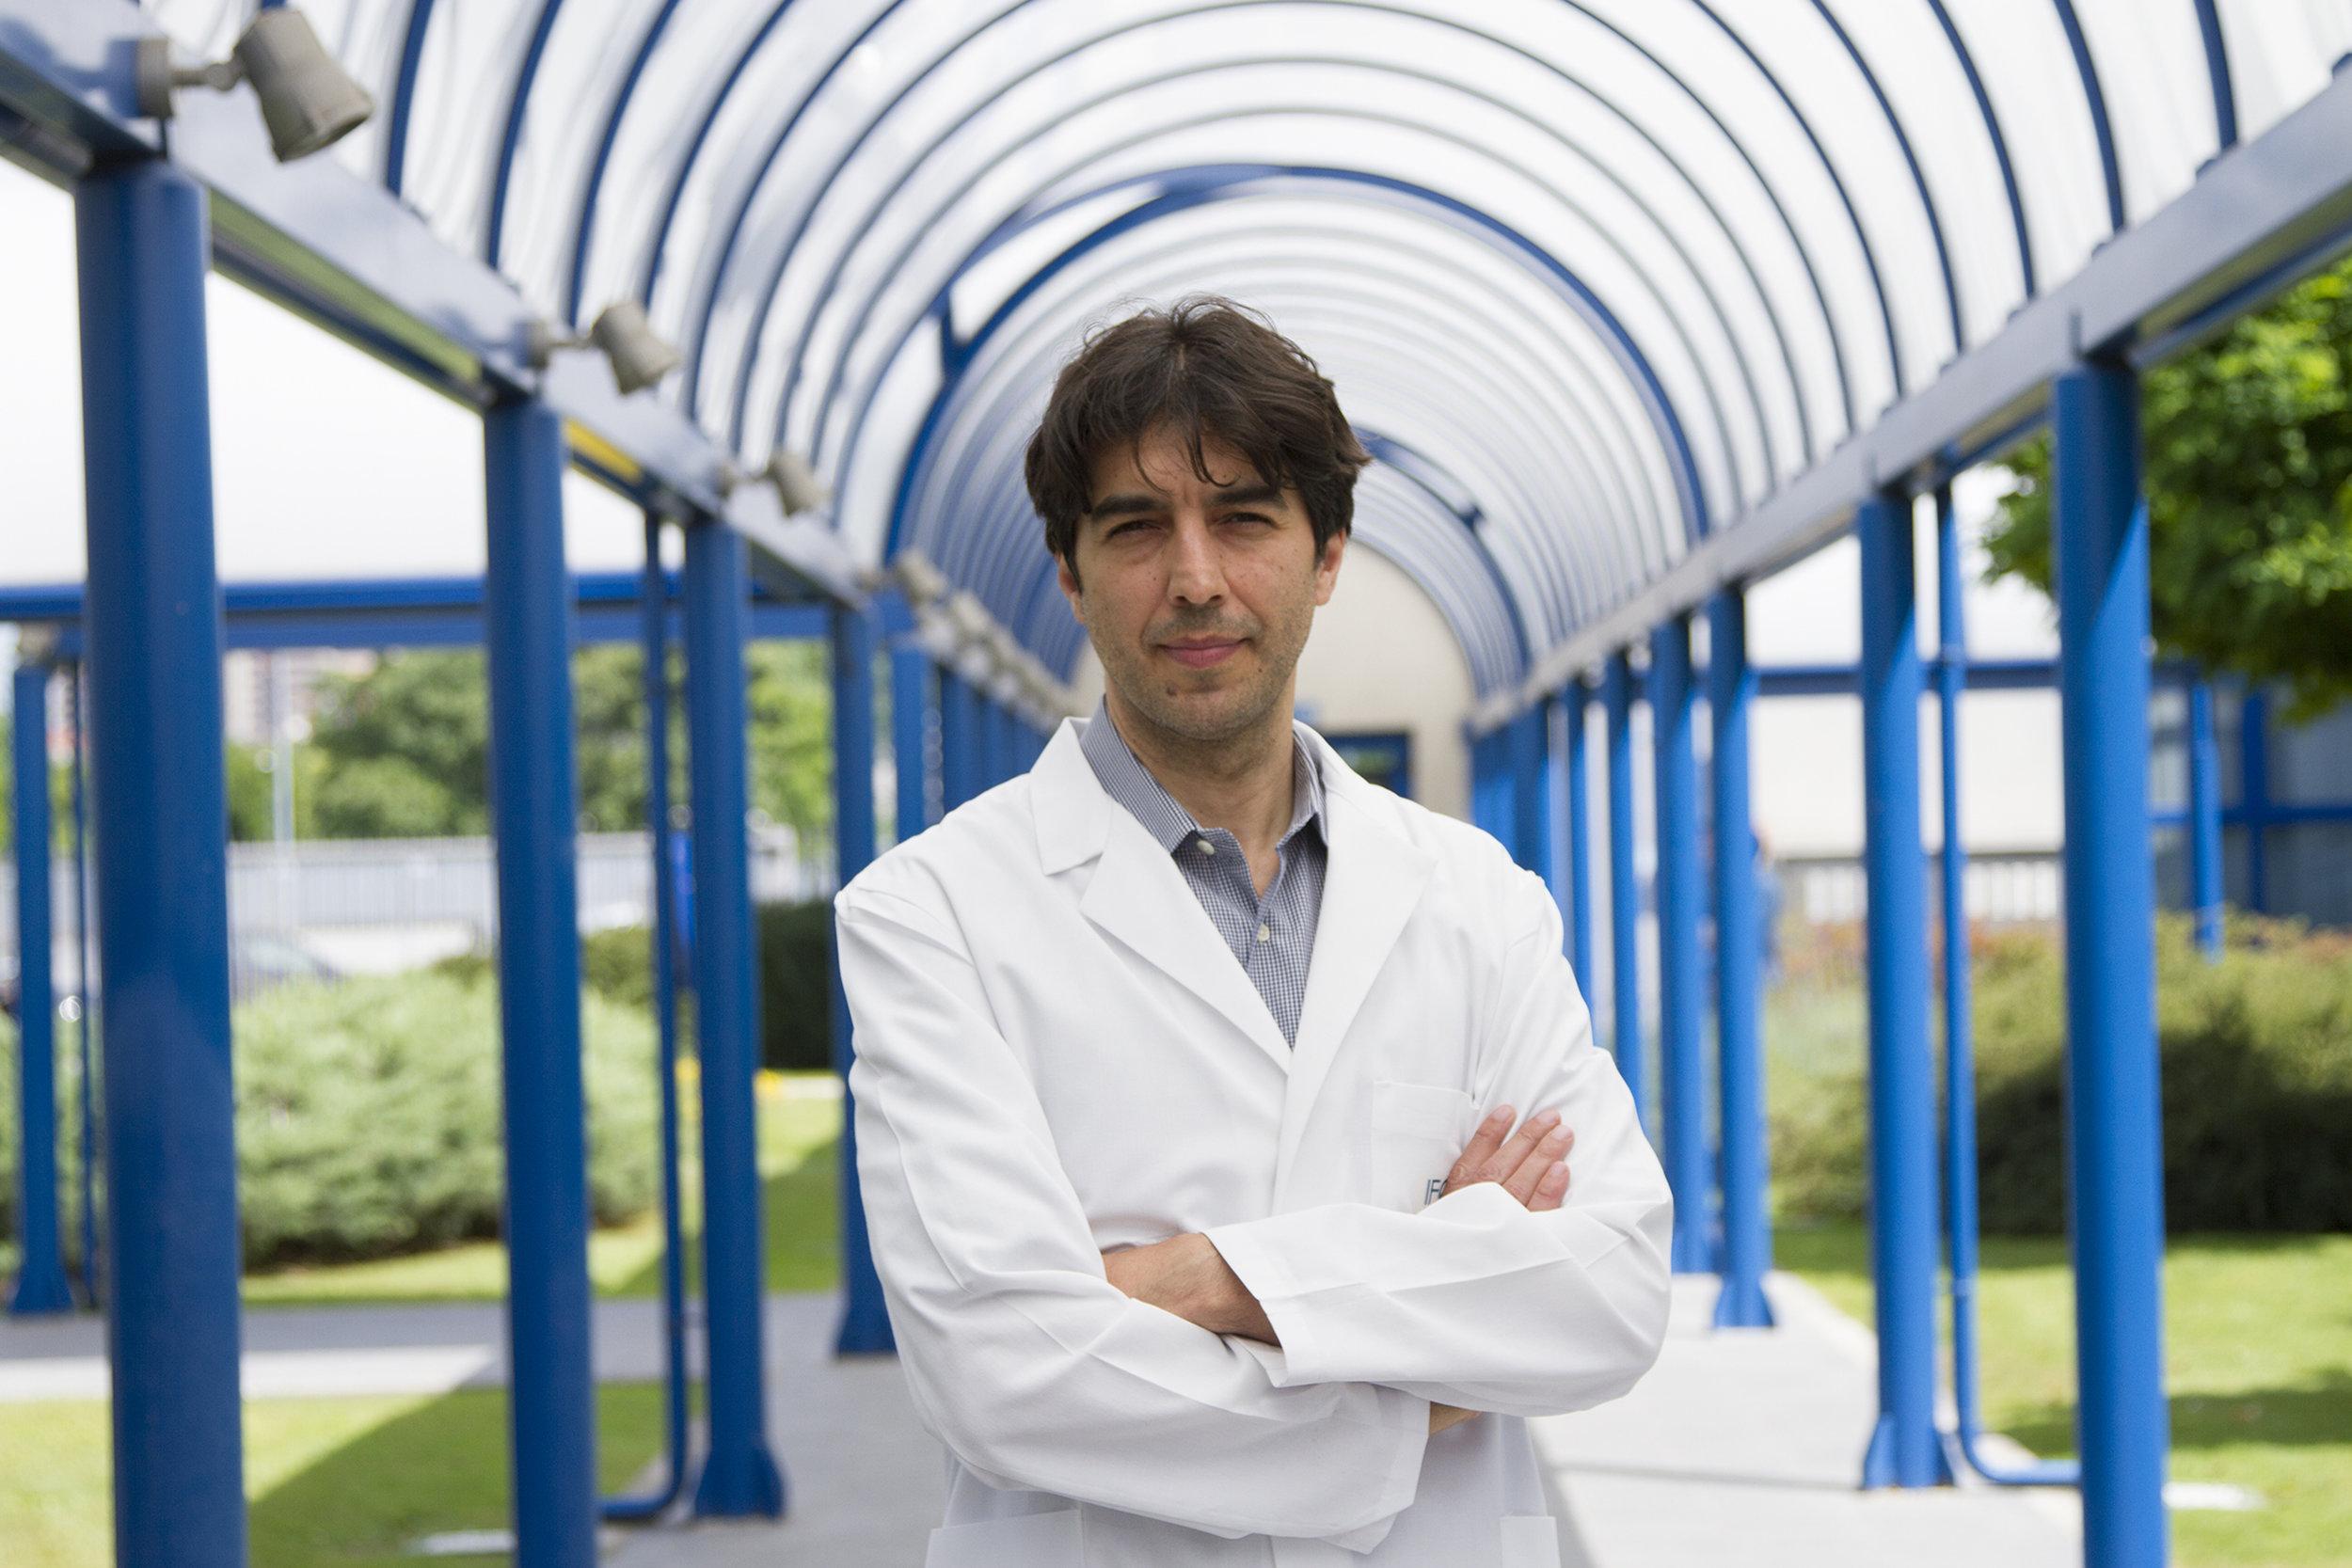 Una imagen del profesor Longo. Foto:Istituto FIRC di Oncologia Molecolare (IFOM)